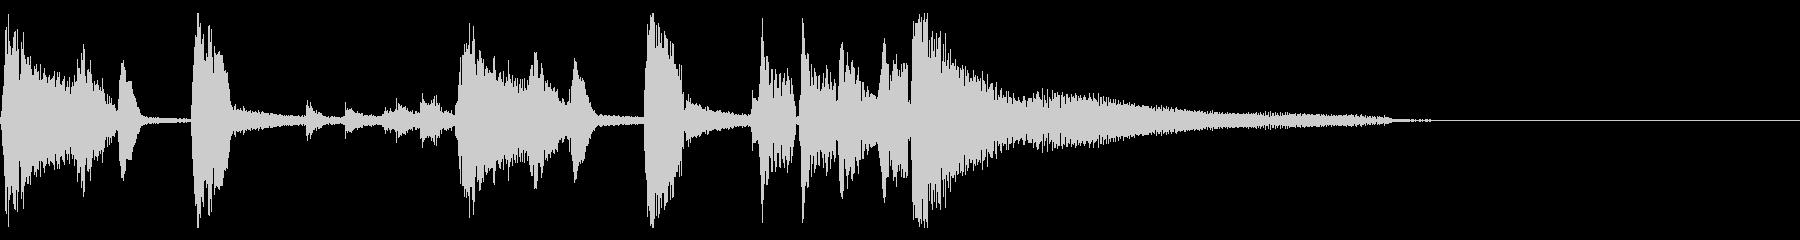 おしゃれなジャズ ピアノ ジングル 04の未再生の波形